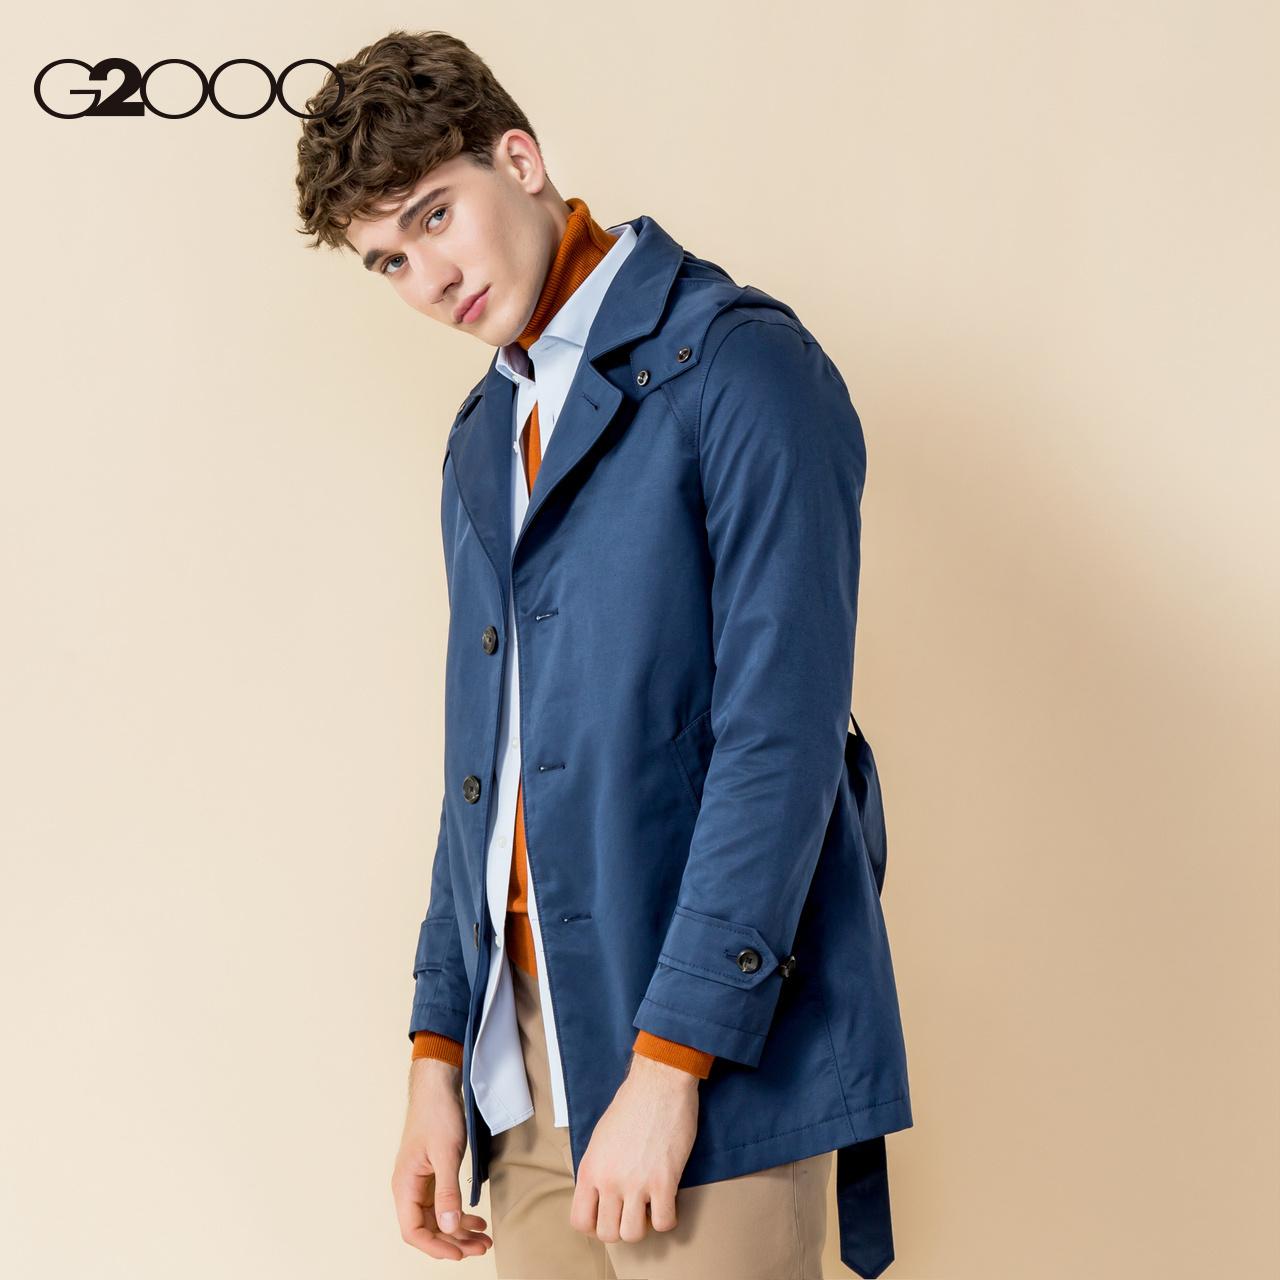 G2000潮流休闲风衣男中长款 秋冬青年单排扣束腰薄款男士大衣